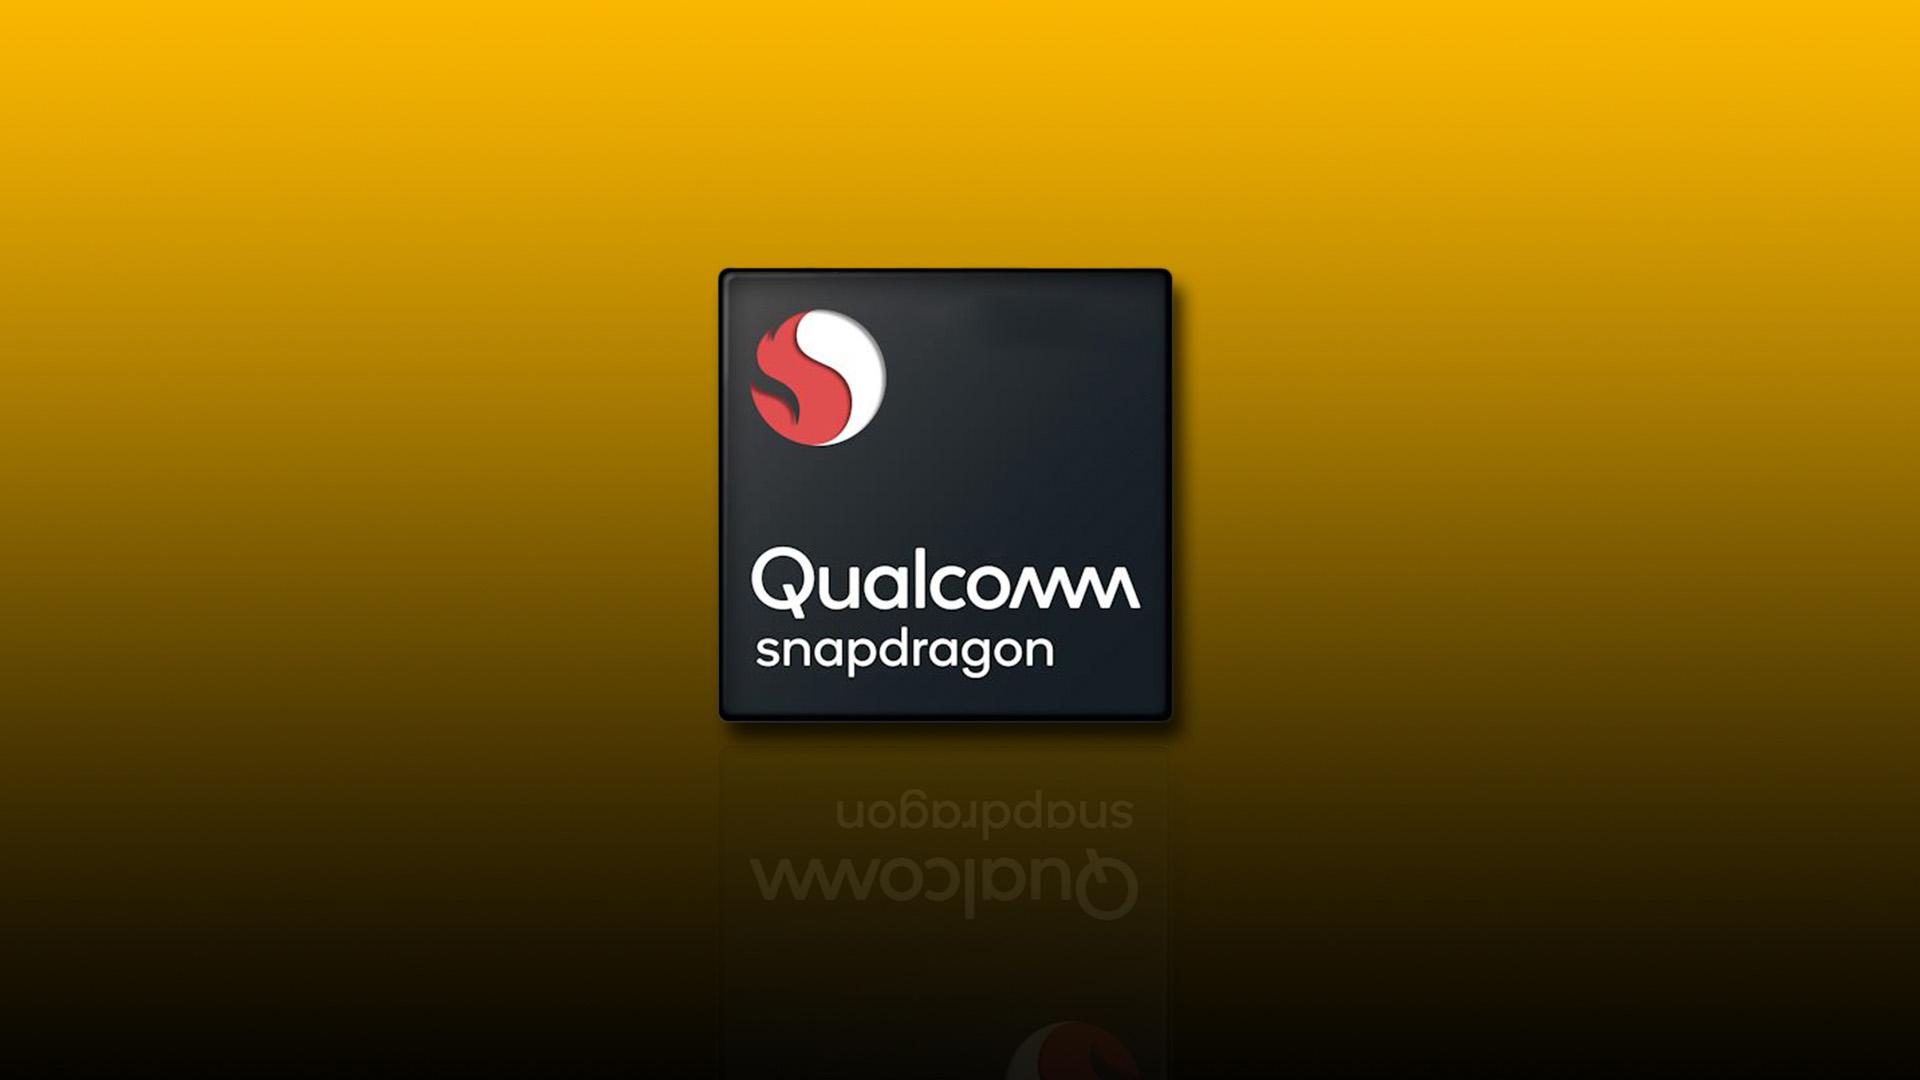 Ошибка в чипах Qualcomm может сделать потенциально уязвимыми около 30% Android-смартфонов - ITC.ua